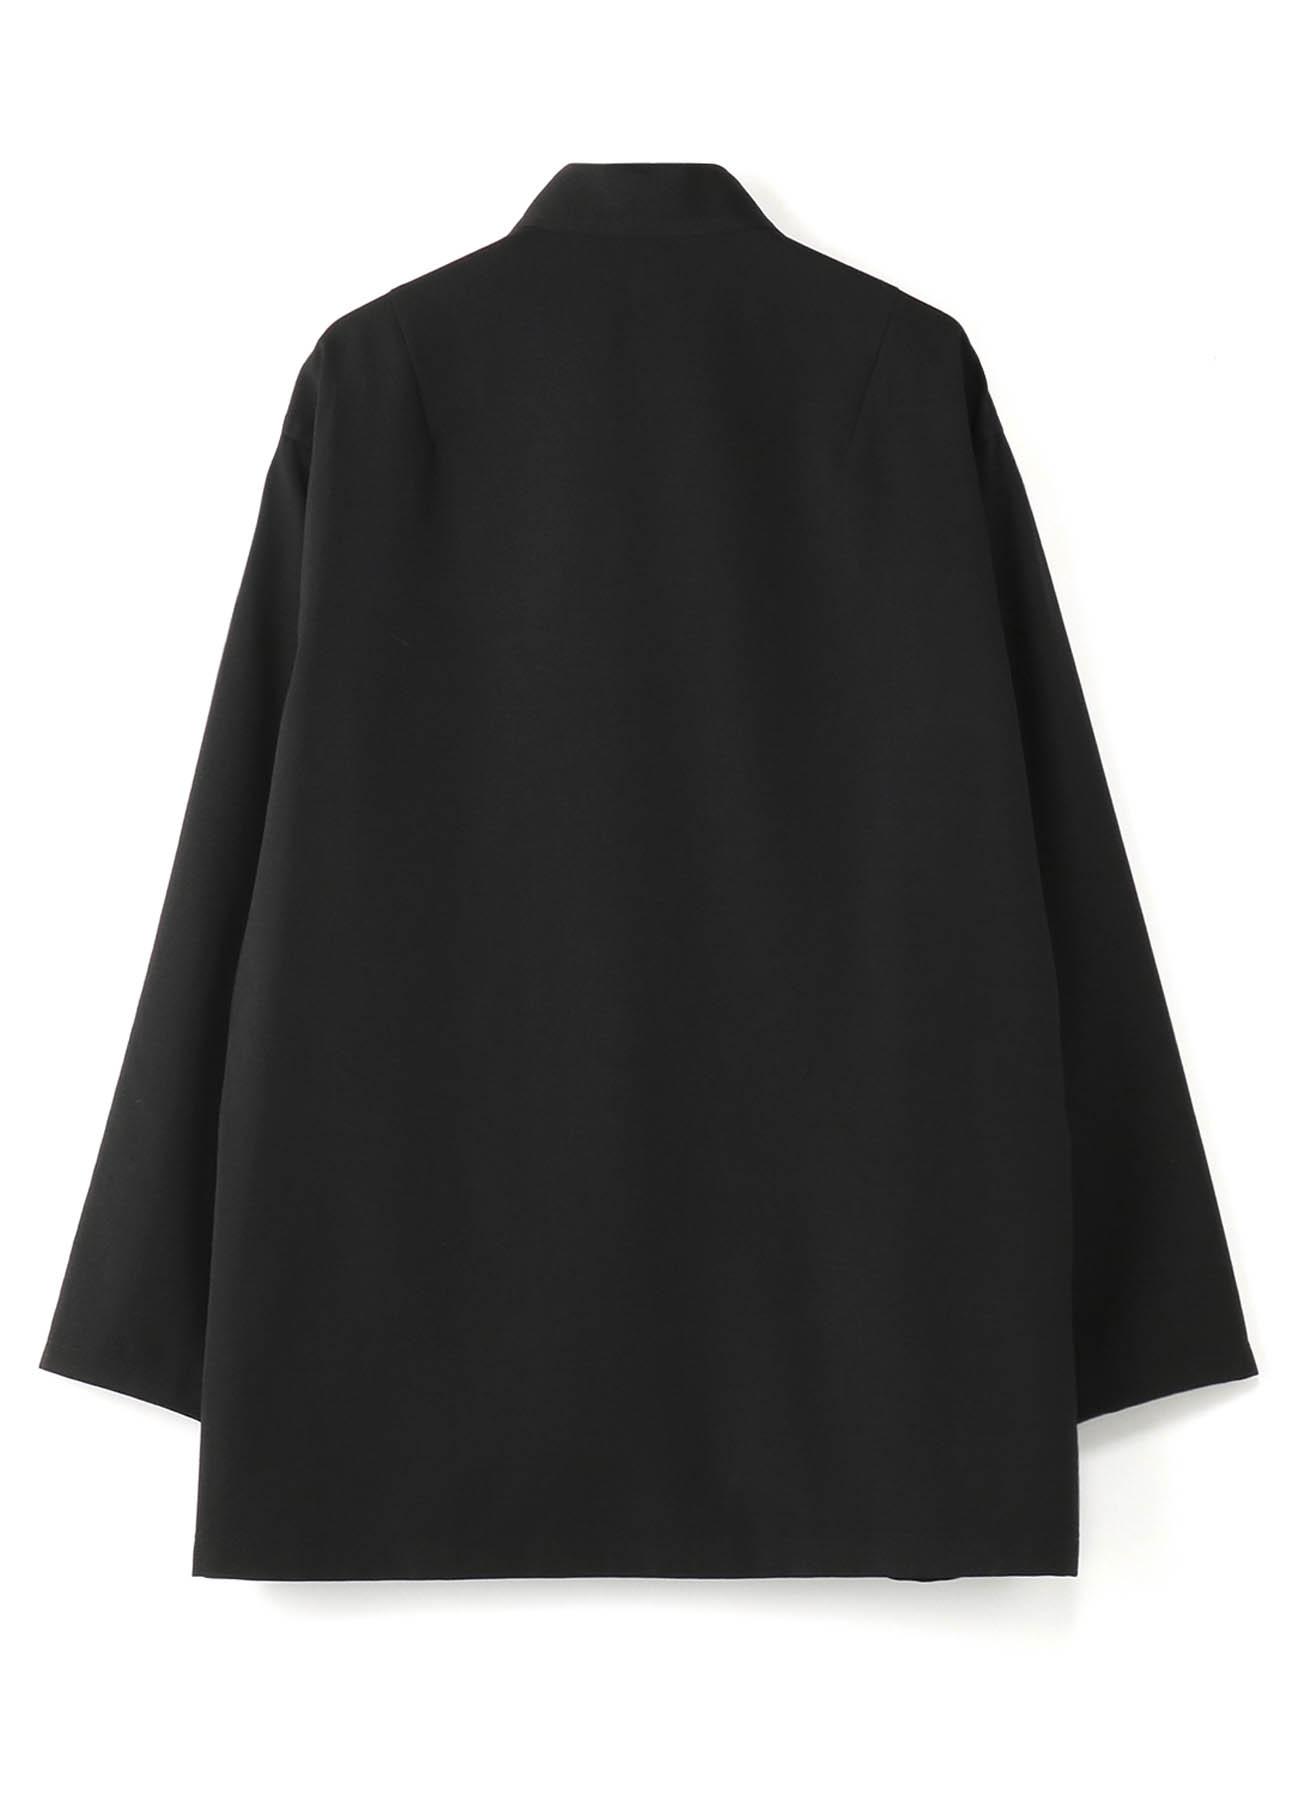 シワギャバ 蝶結びシャツ2